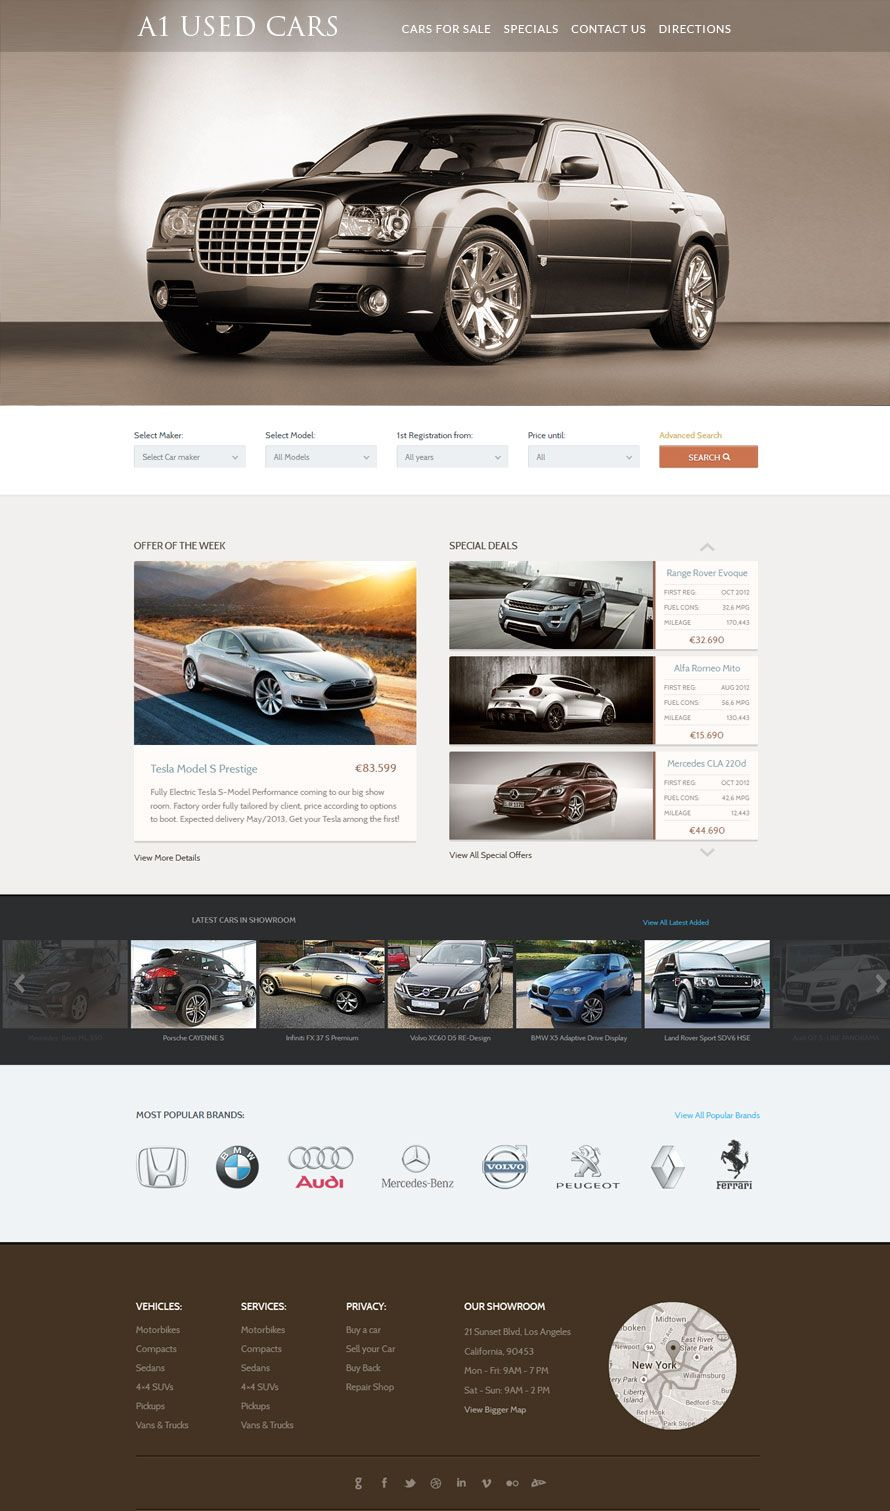 Used Car Dealer Website Design | Car Dealers Web Design | Pinterest ...